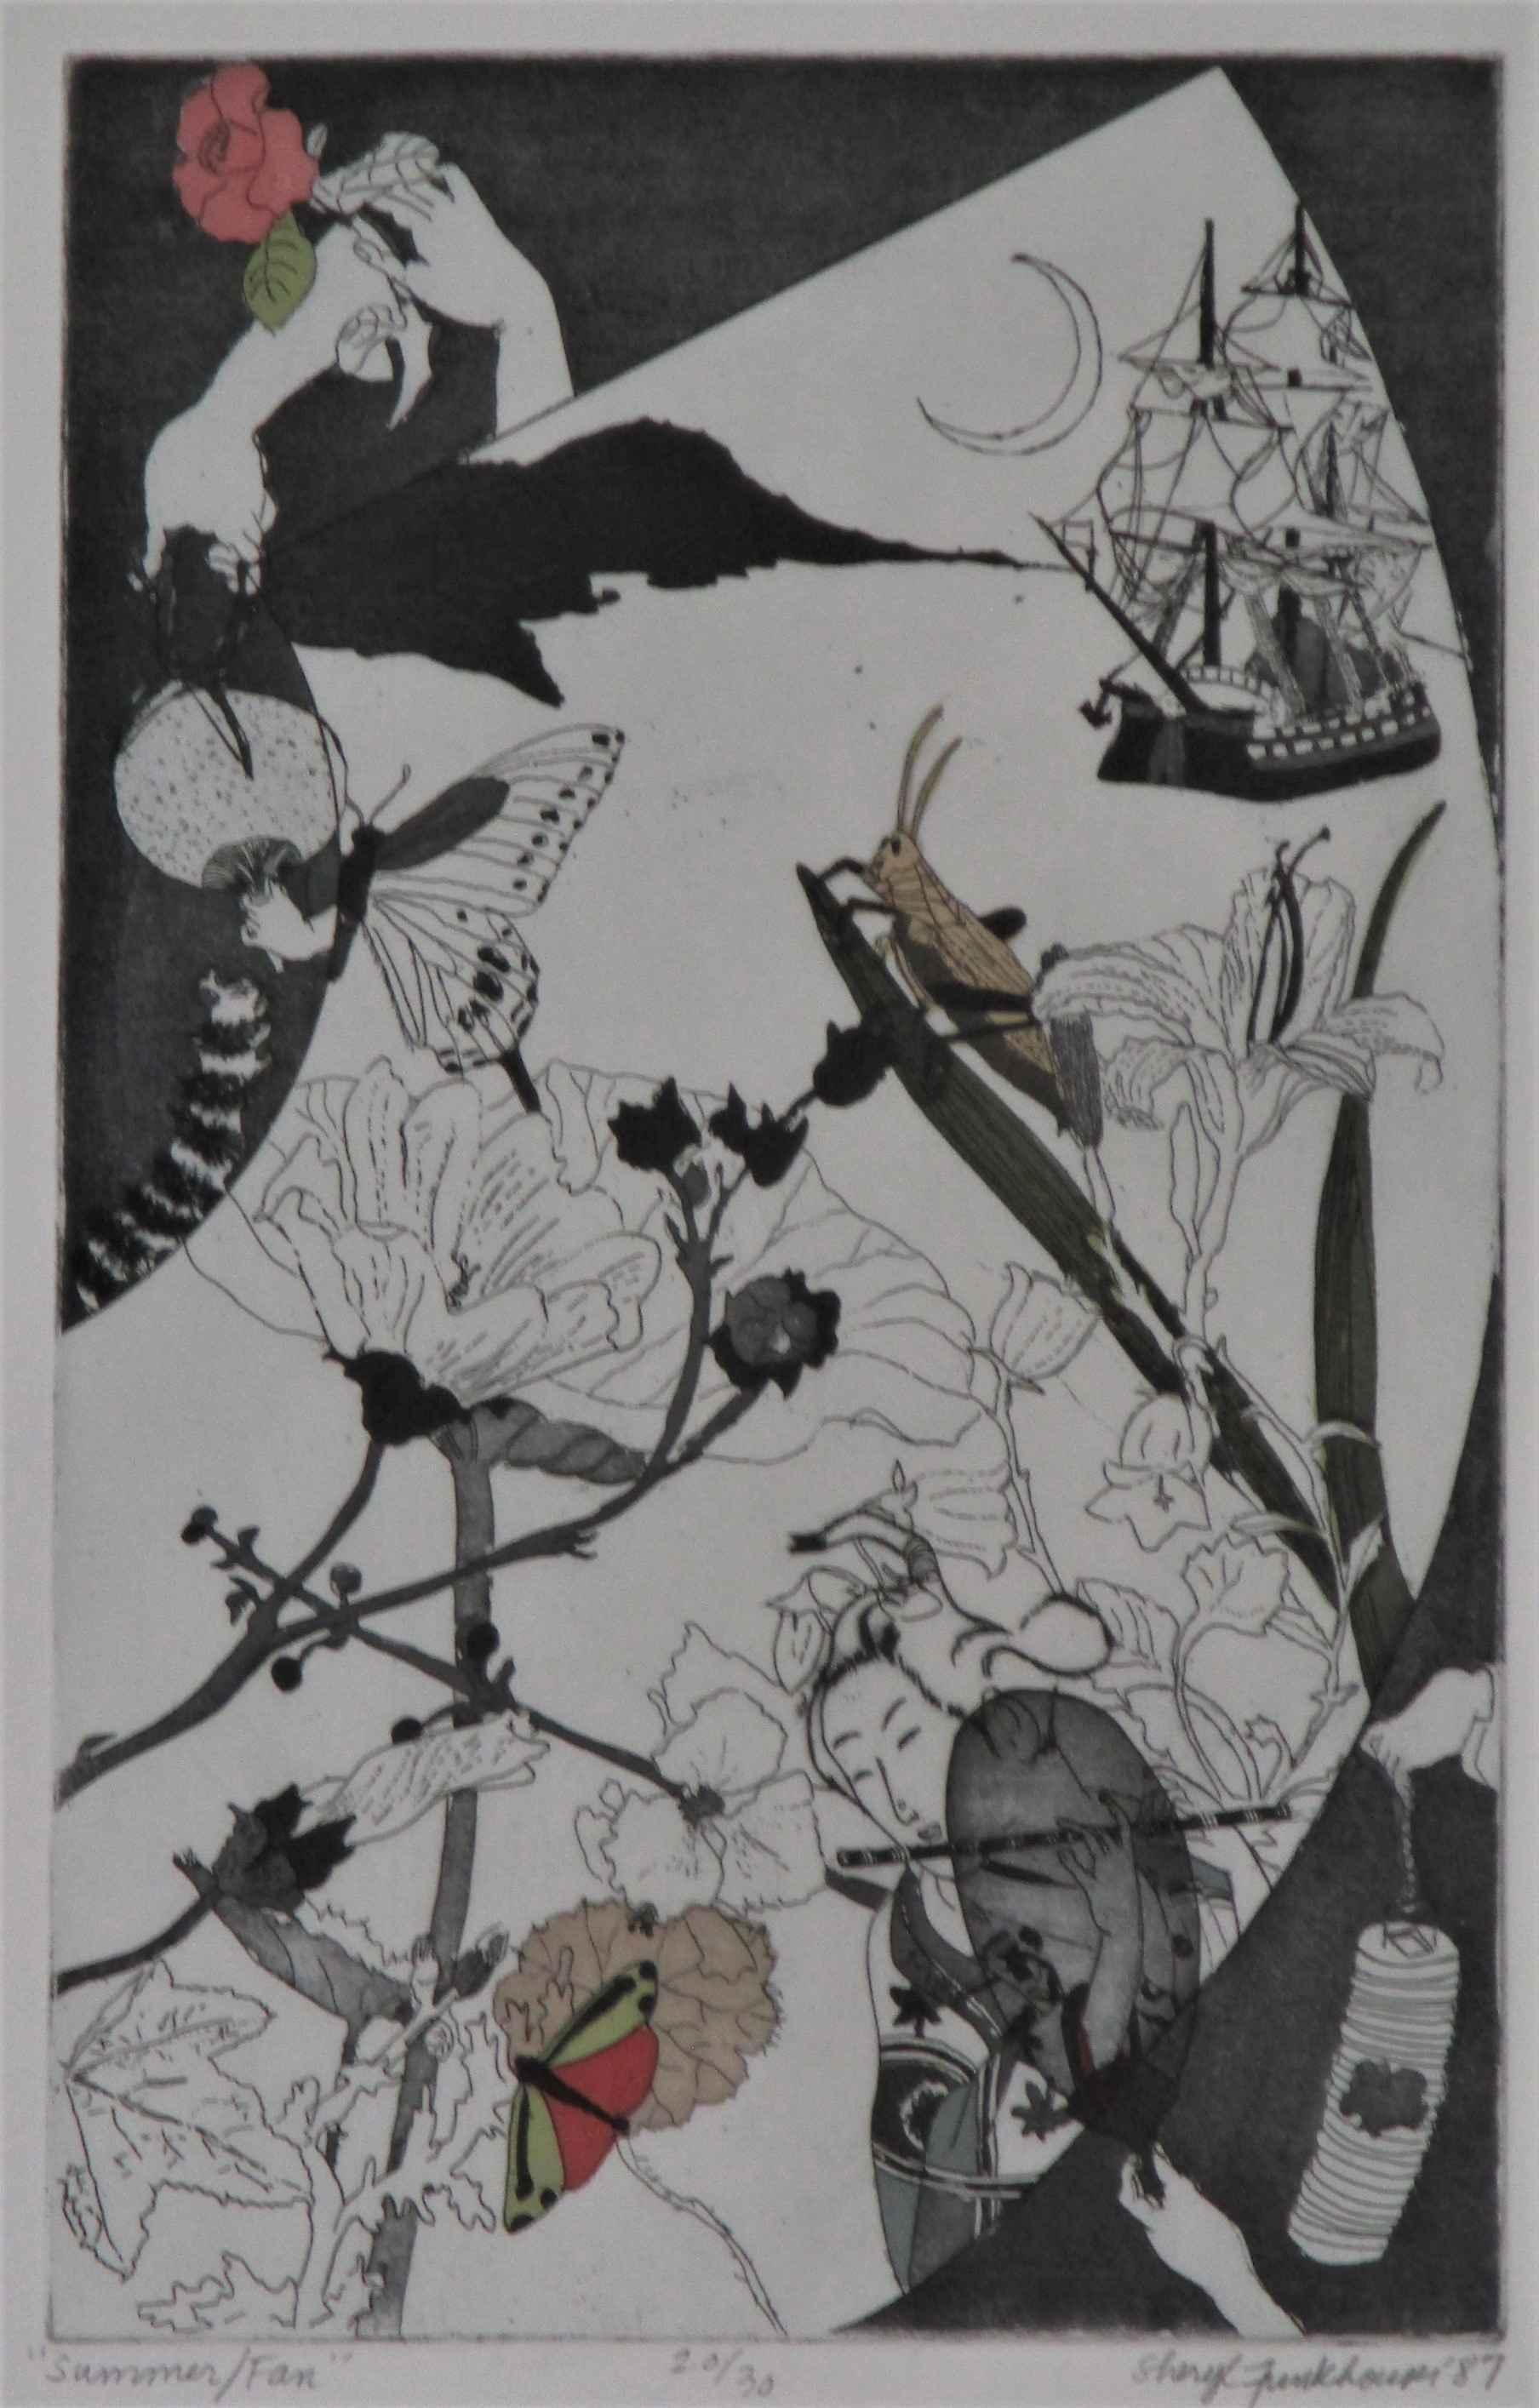 Summer Fan by  Sheryl Funkhouser - Masterpiece Online